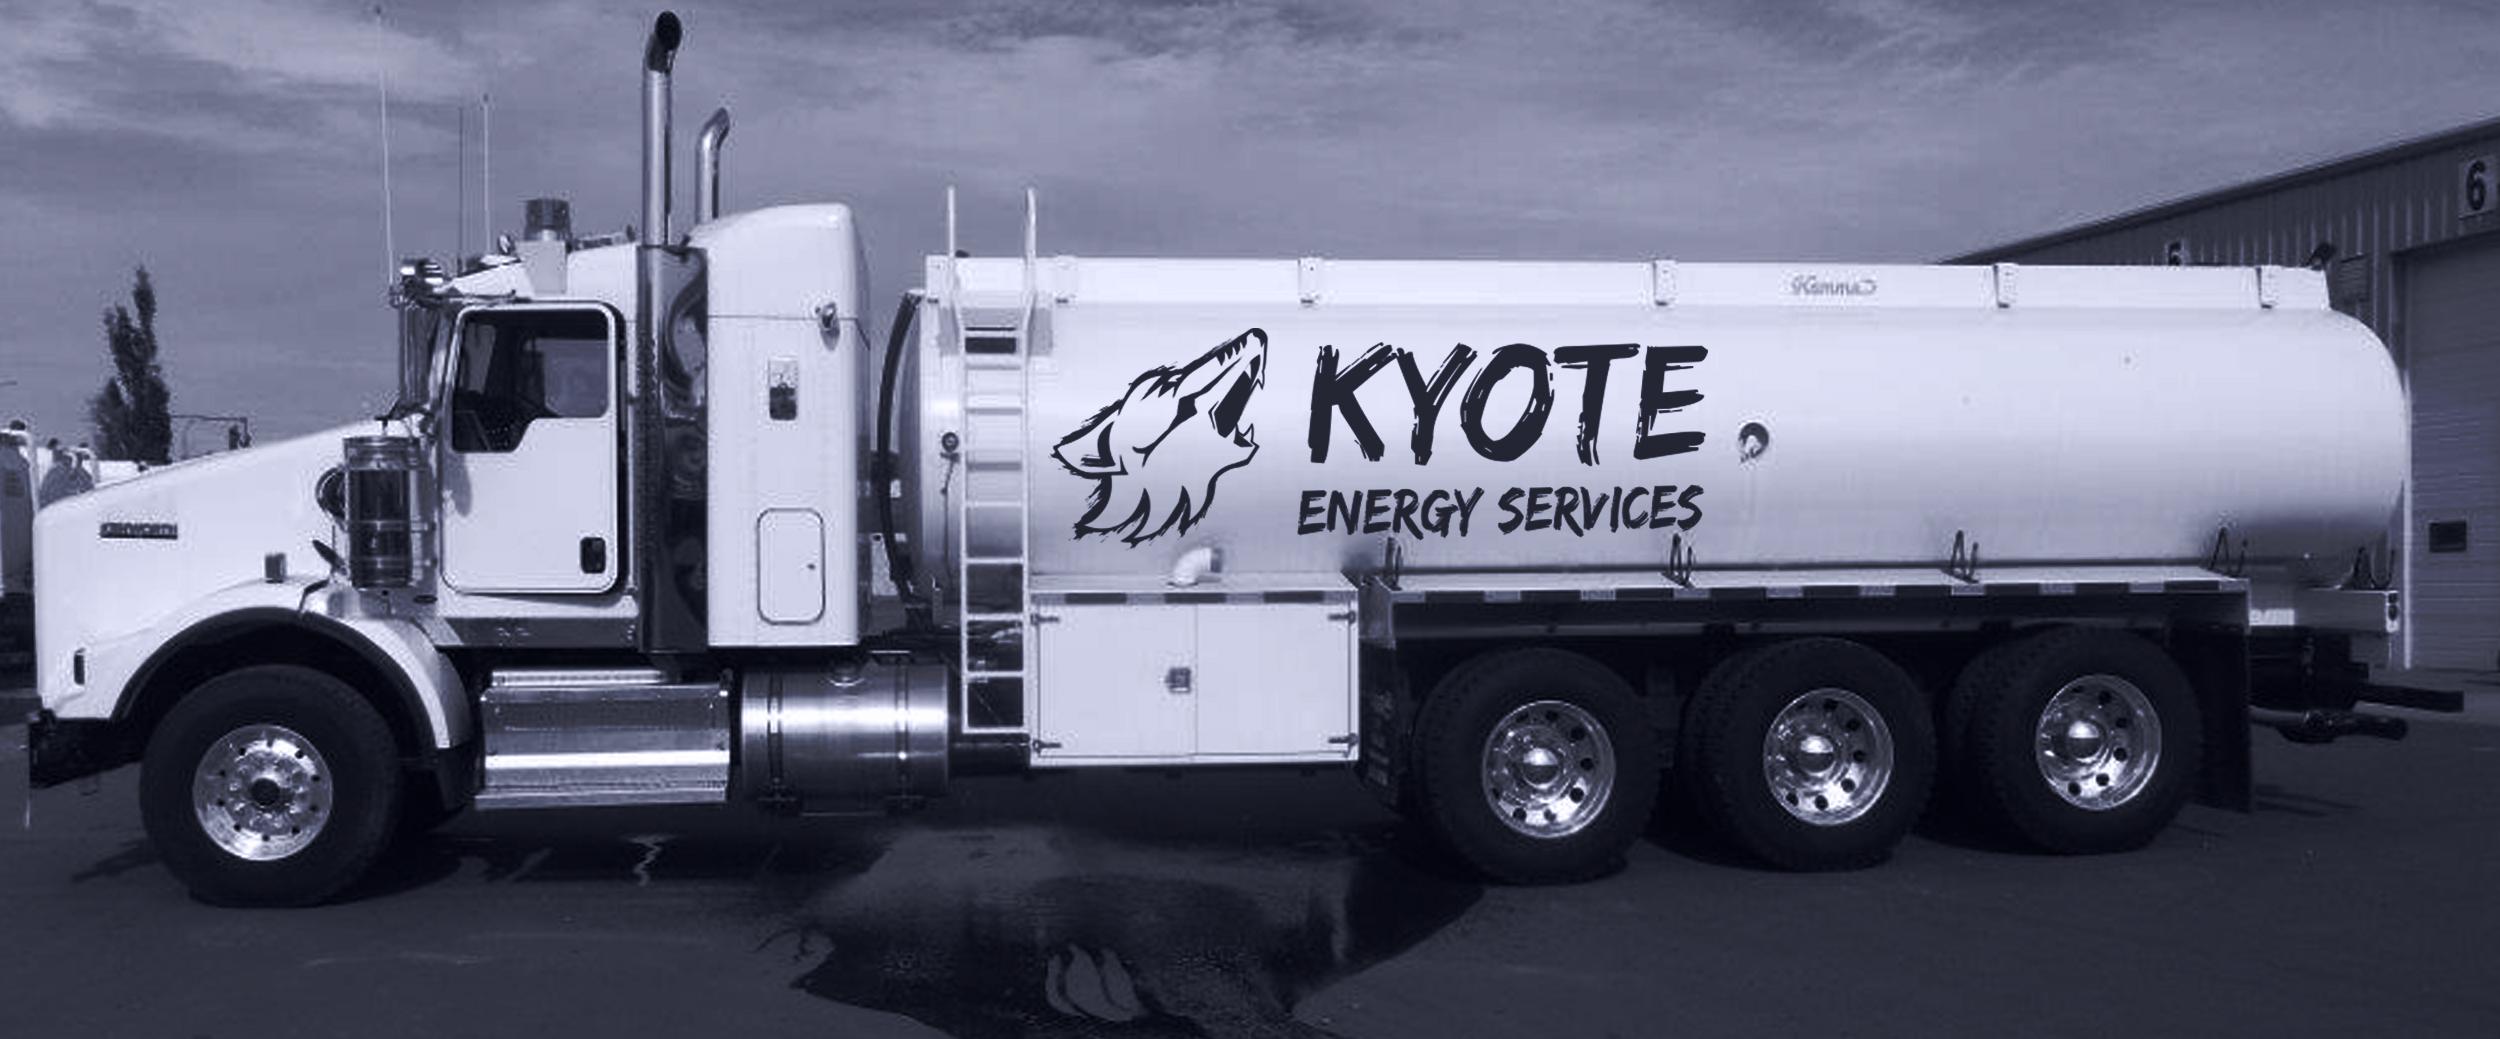 kyote-tri